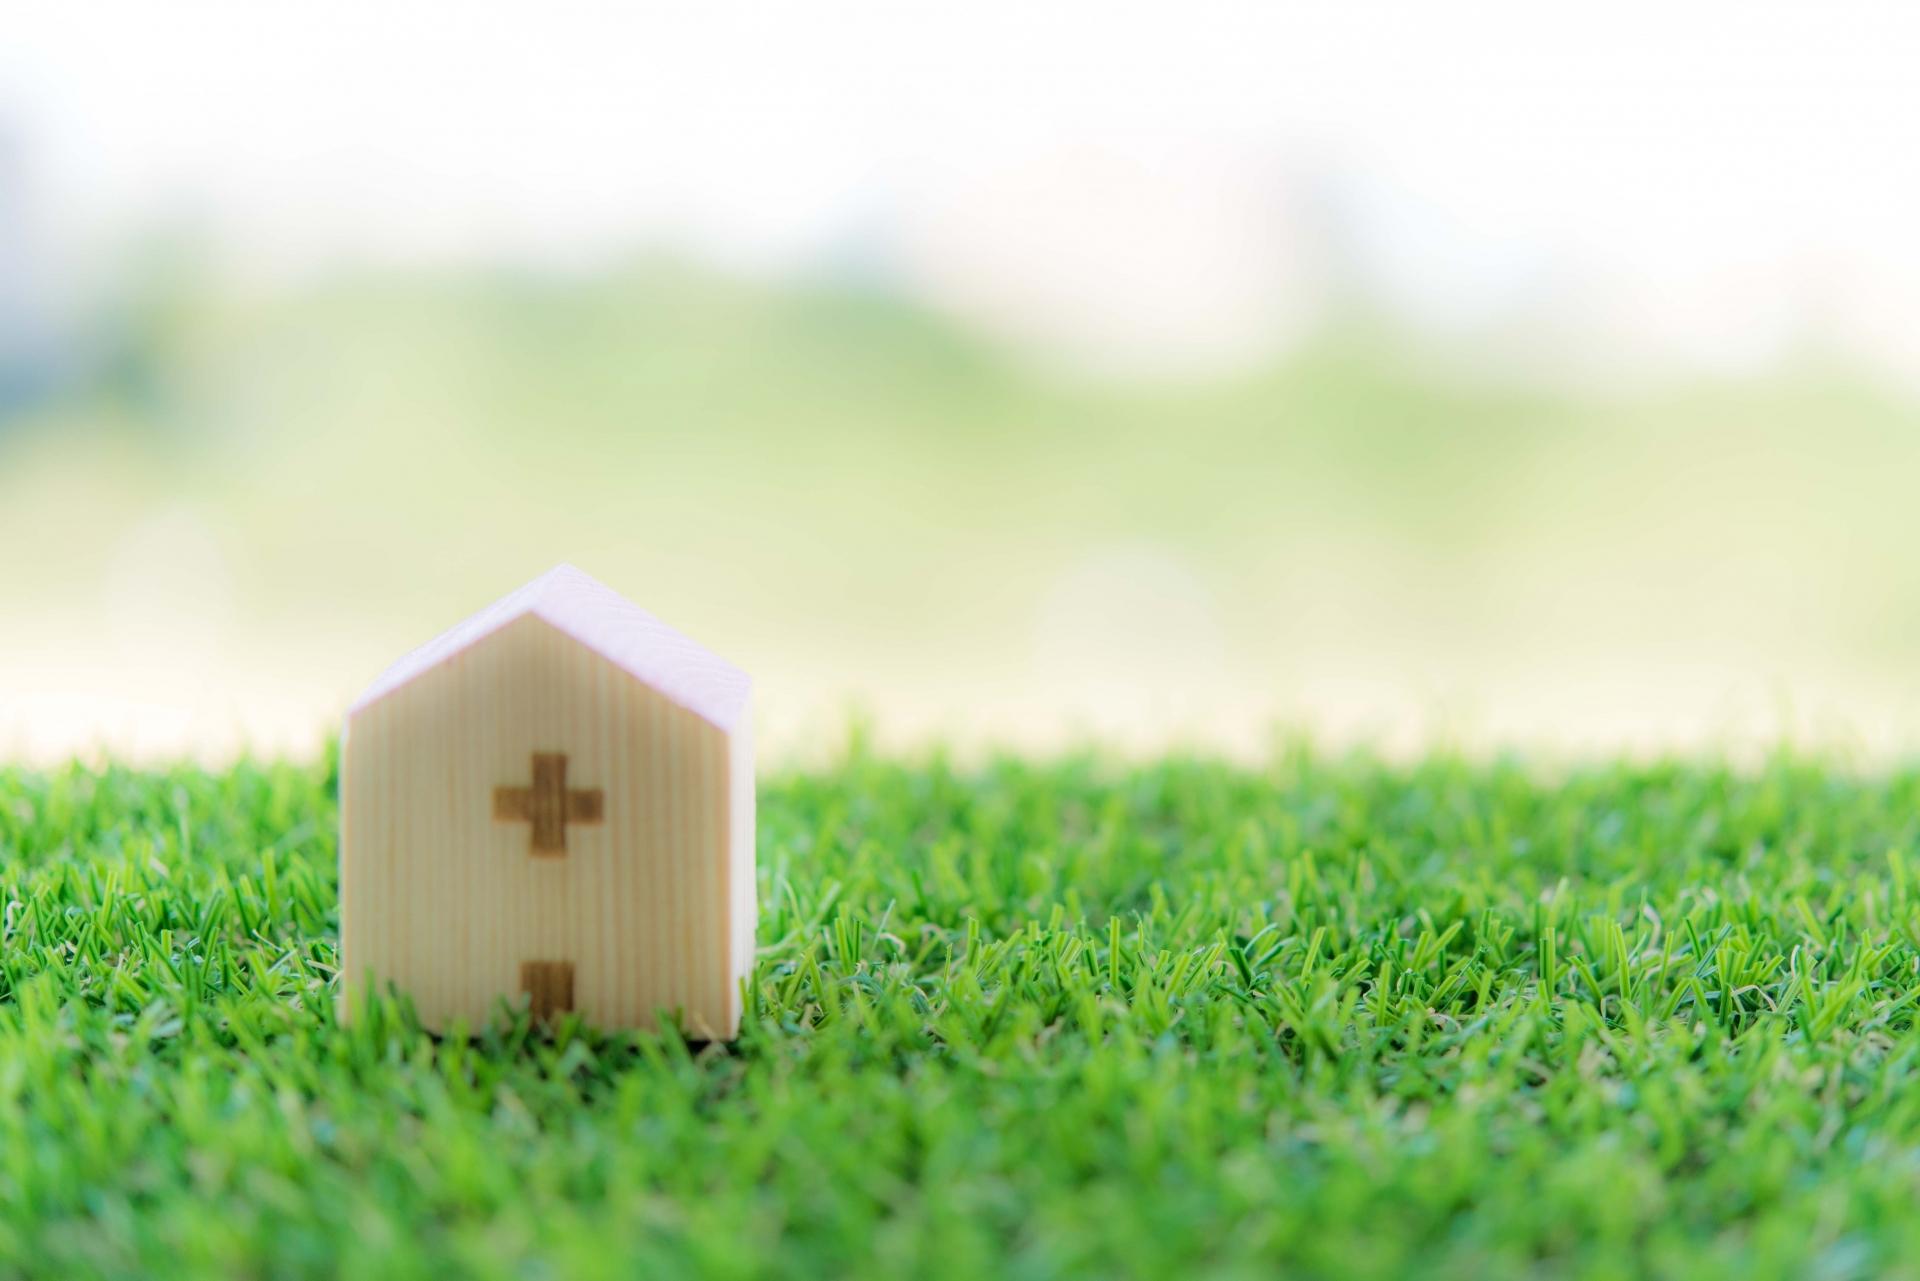 労災保険への特別加入は、事業主だけでなく従業員のためにもなる